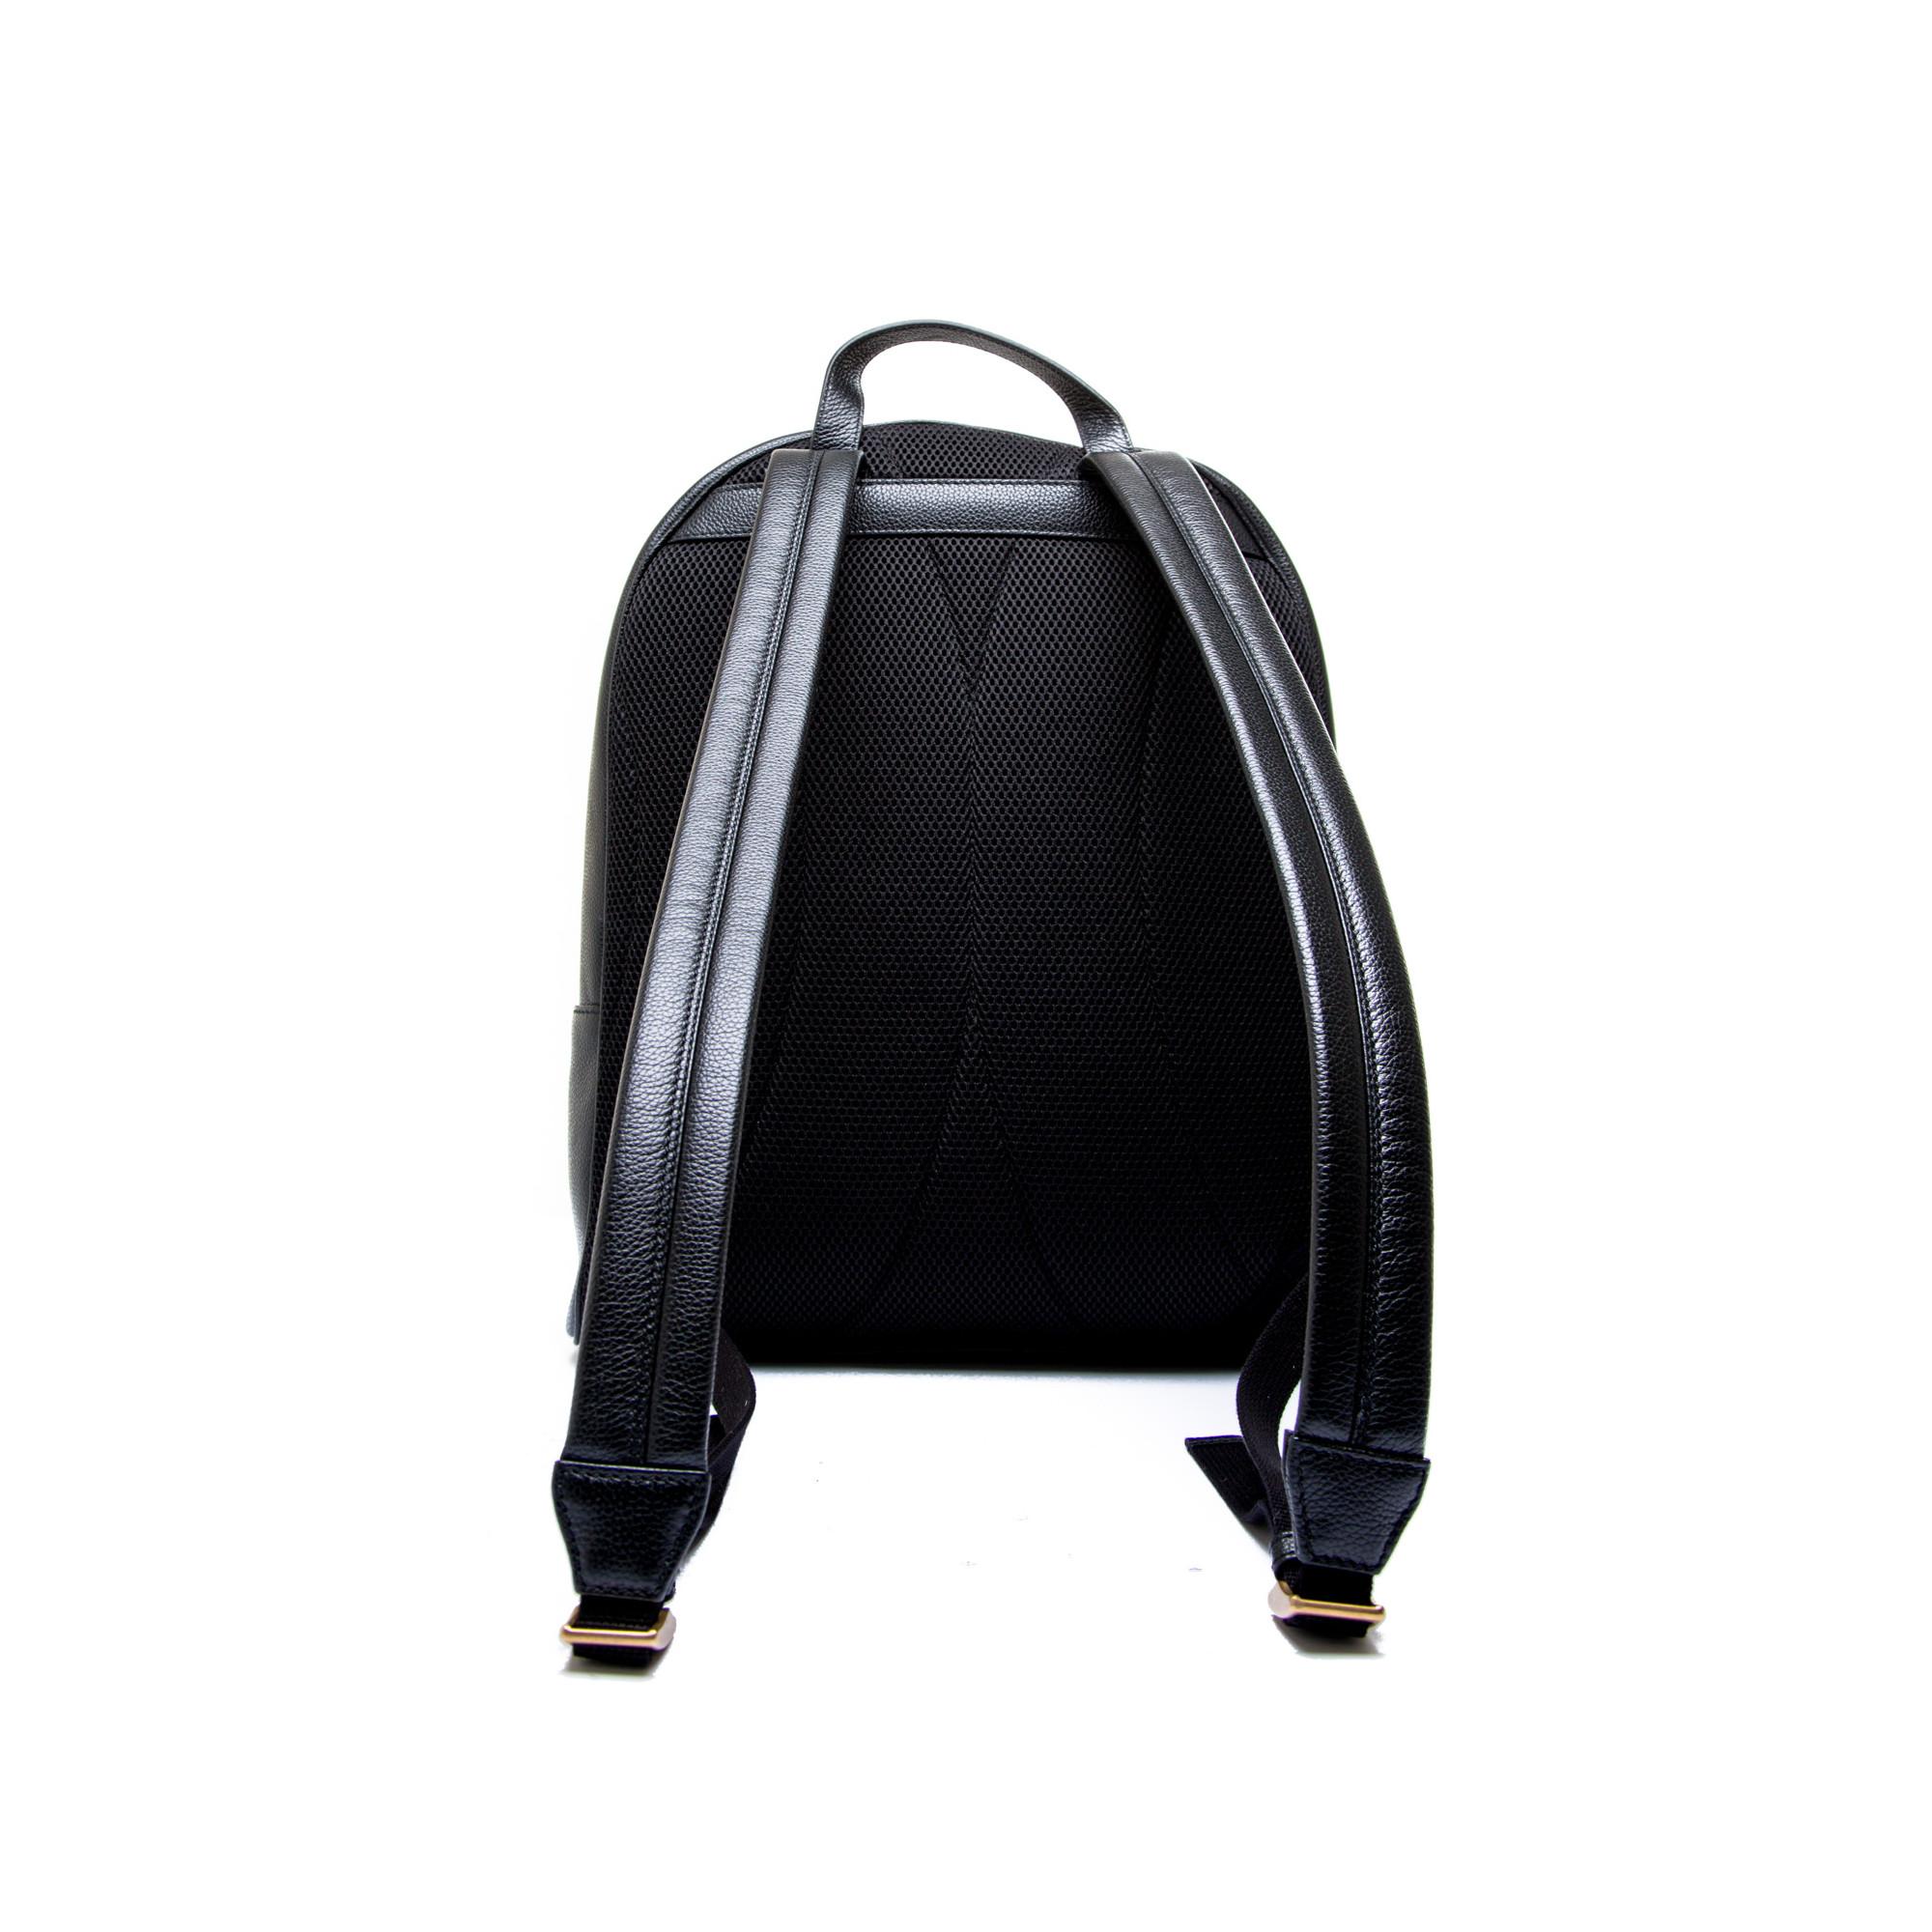 327938ba7e4c55 ... Gucci backpack Gucci backpack - www.derodeloper.com - Derodeloper. ...